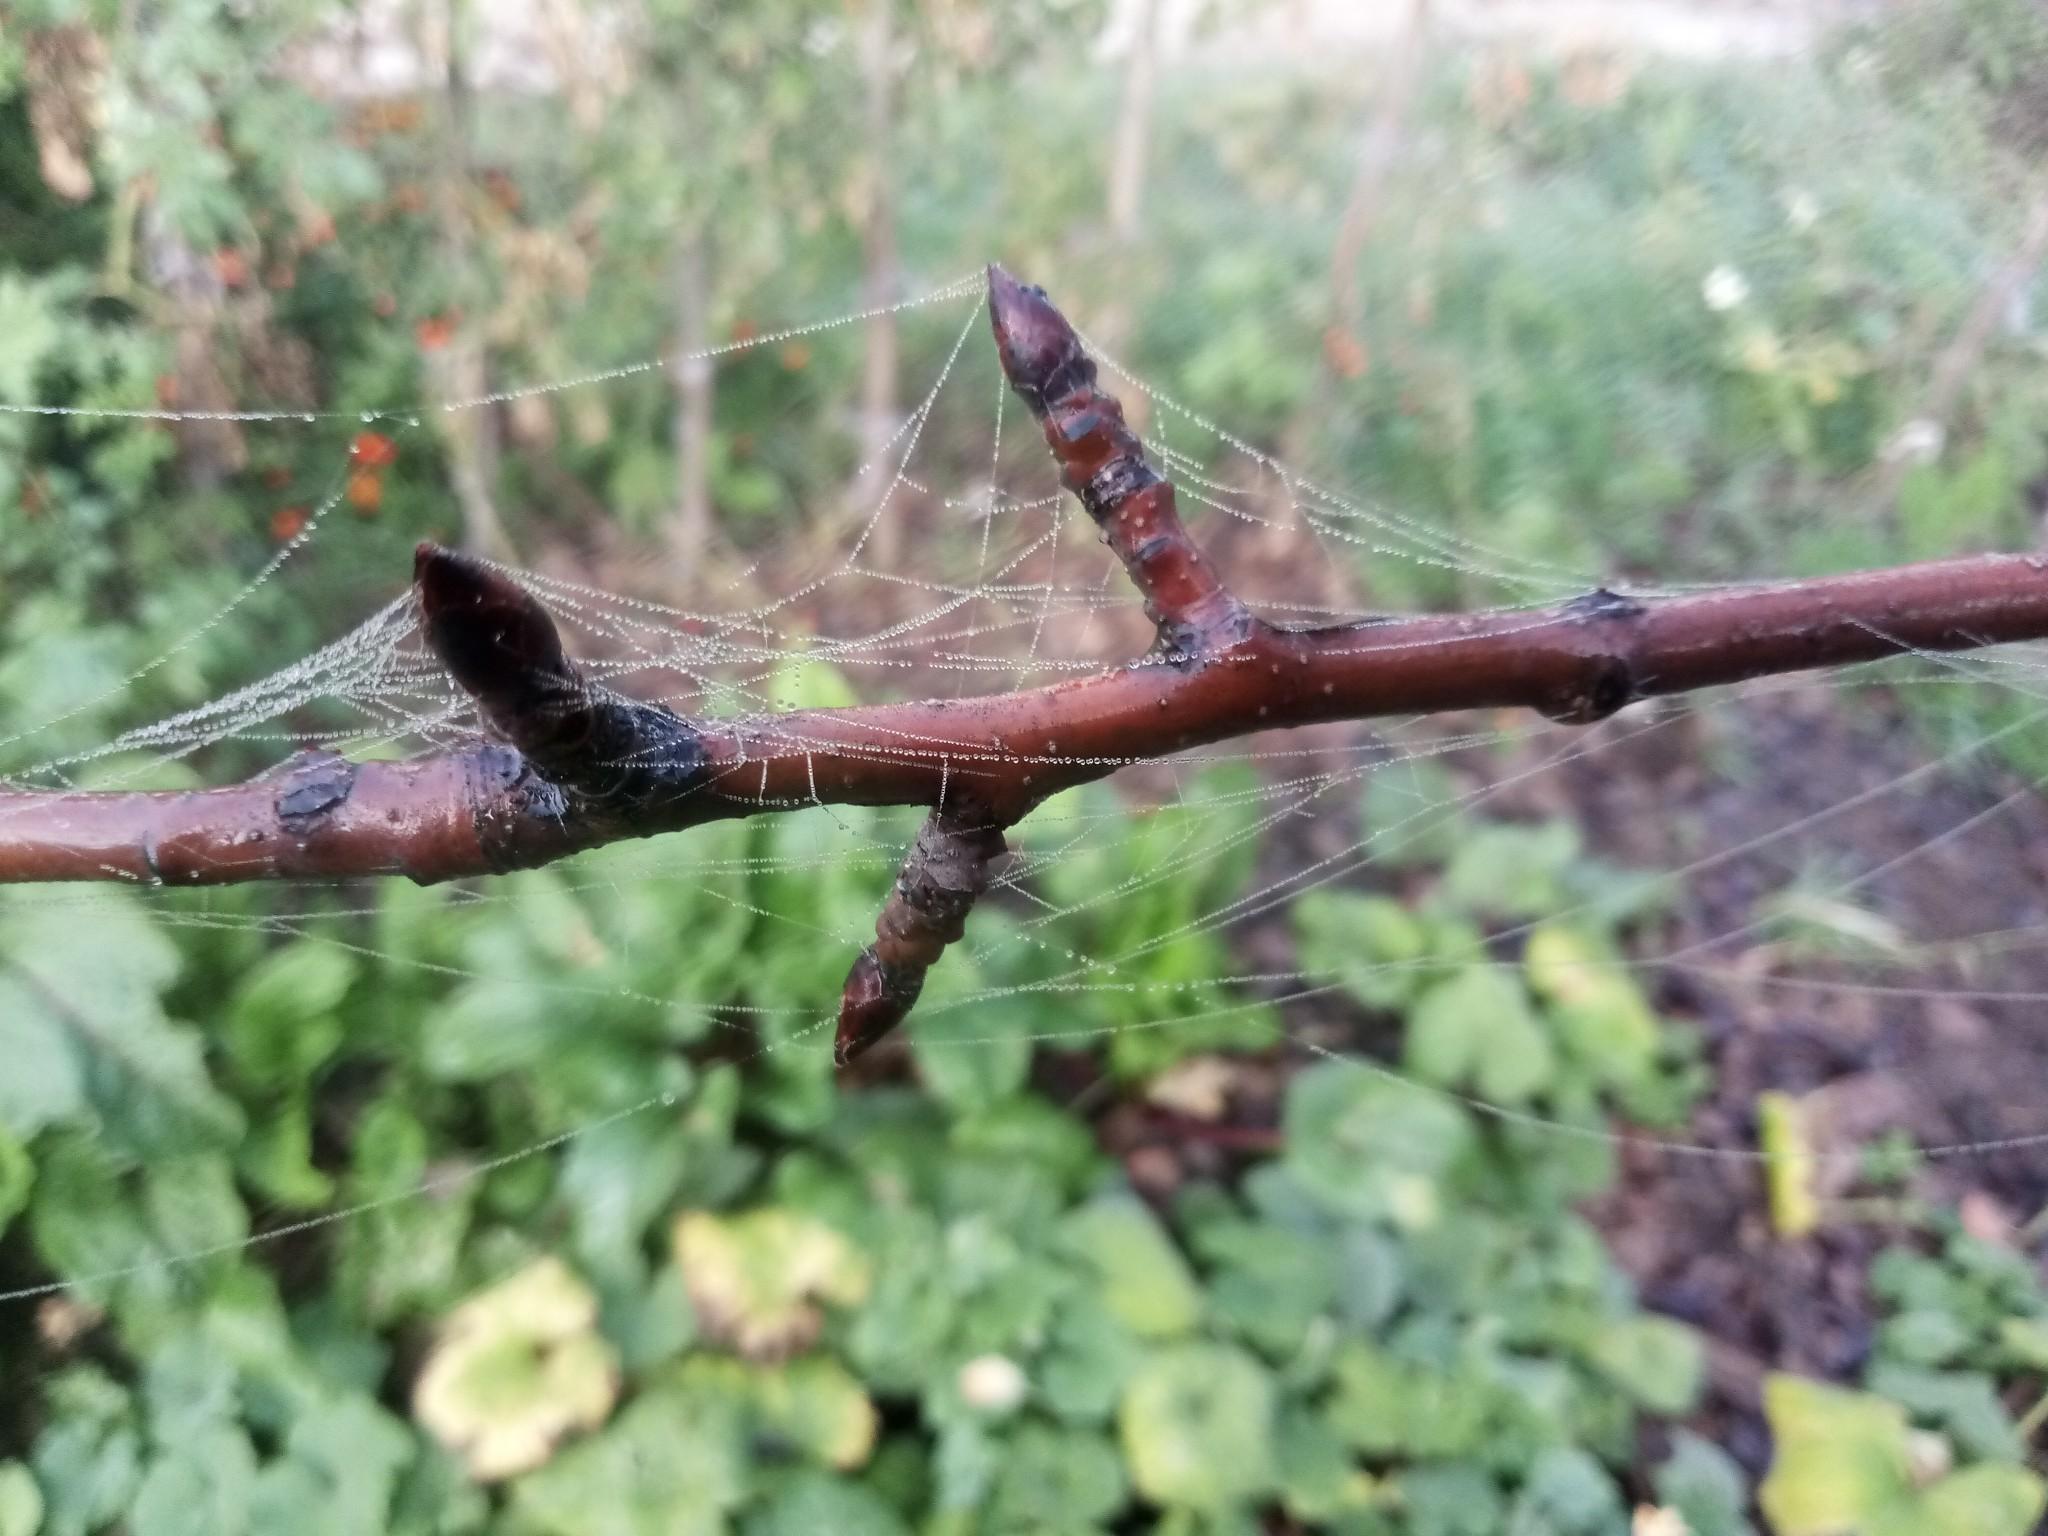 Spider web photo 4